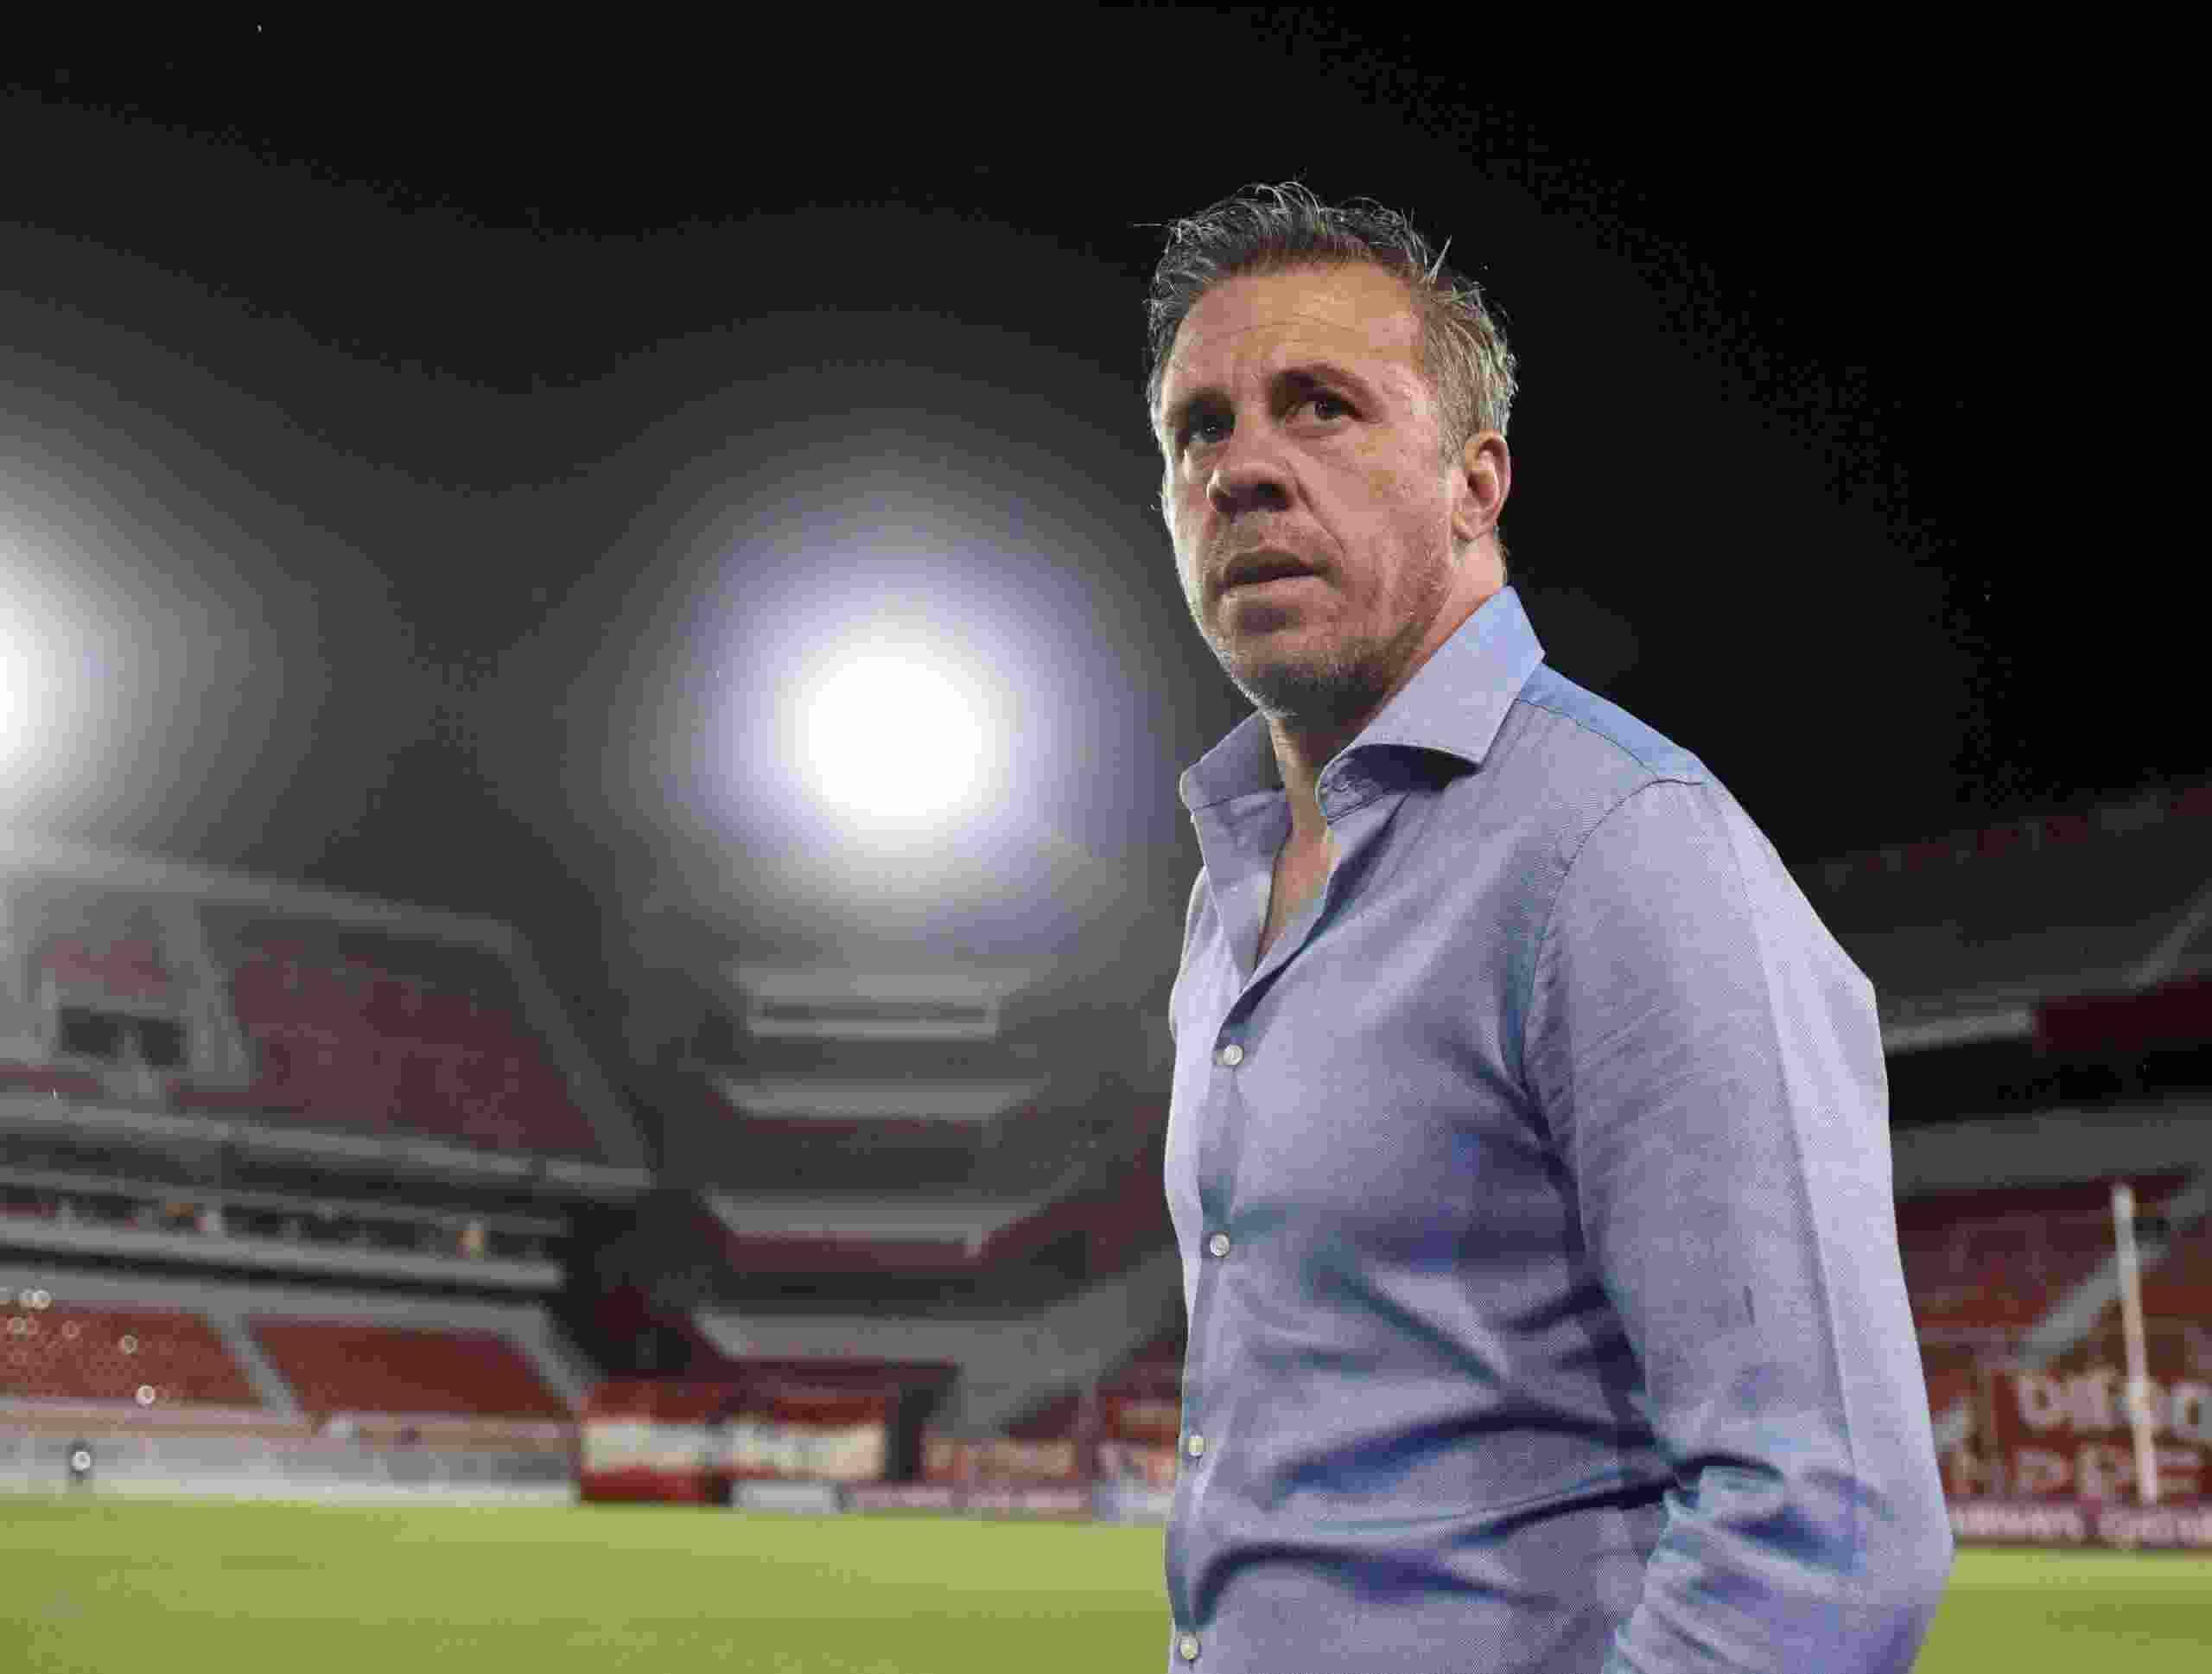 """Lucas Pusineri rompió el silencio: """"Nadie quería agarrar el equipo en ese momento"""""""